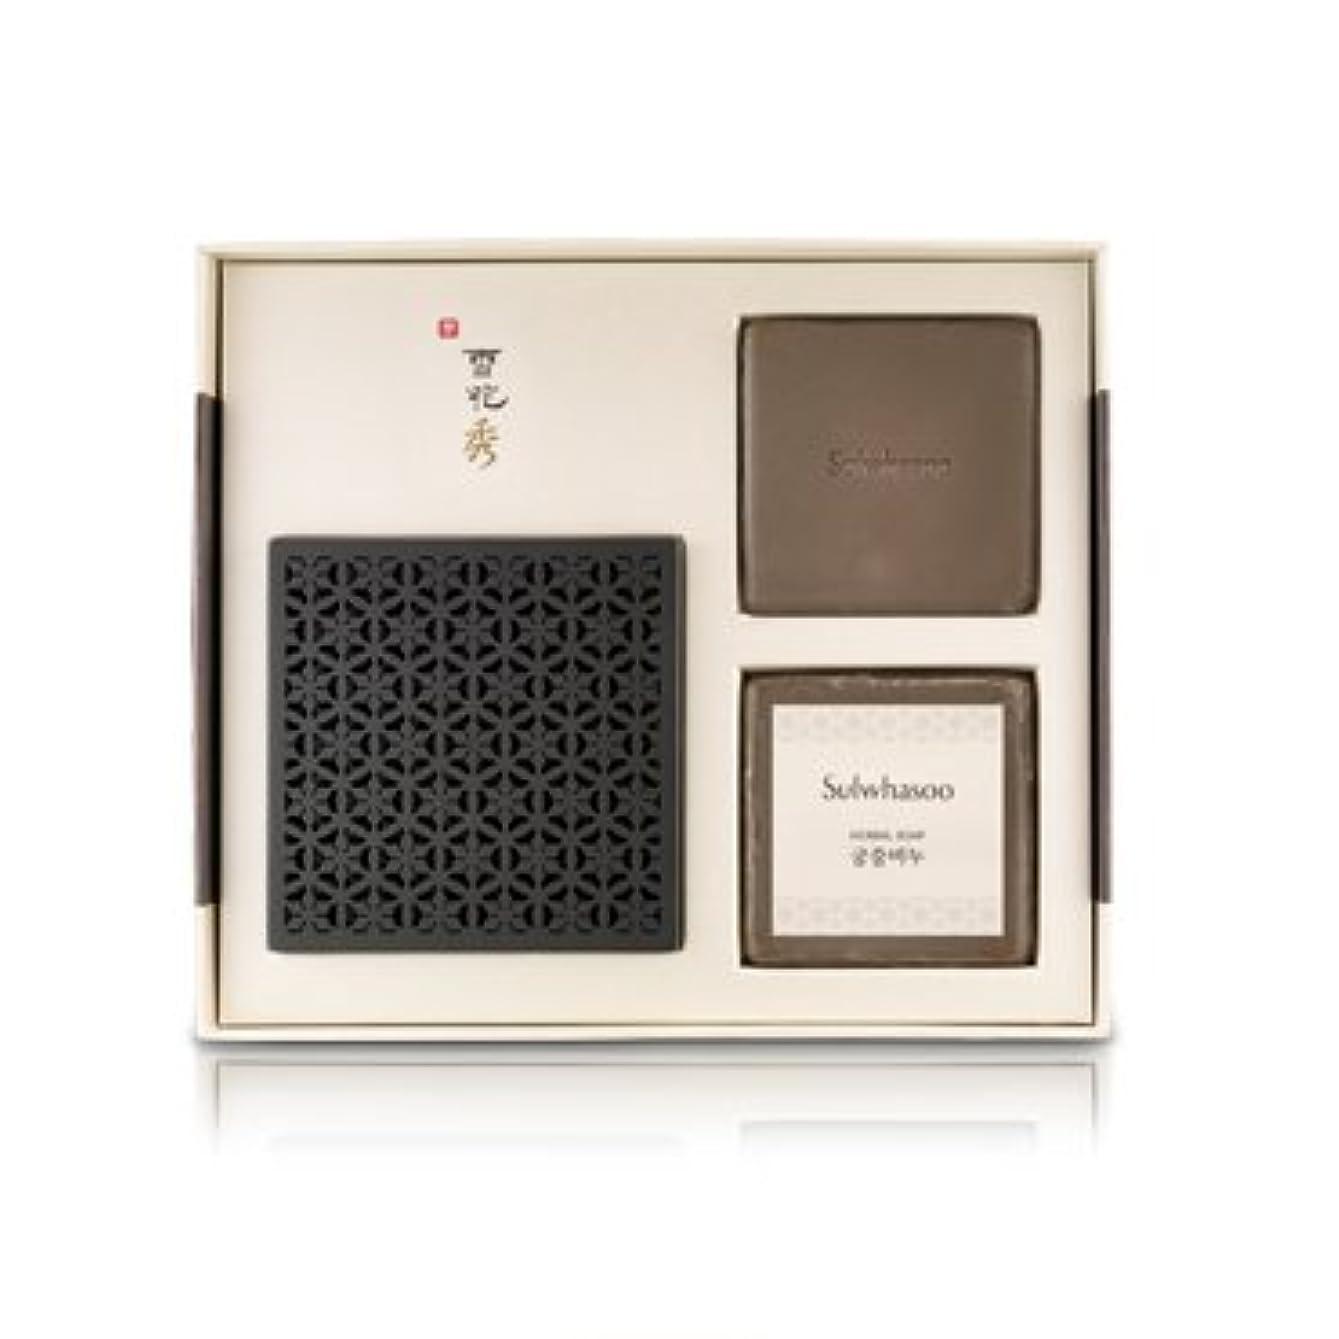 オートマトン再び探す雪花秀(ソルファス)韓方クレンジング石鹸[宮中石鹸(Herbal soap)]100g×2